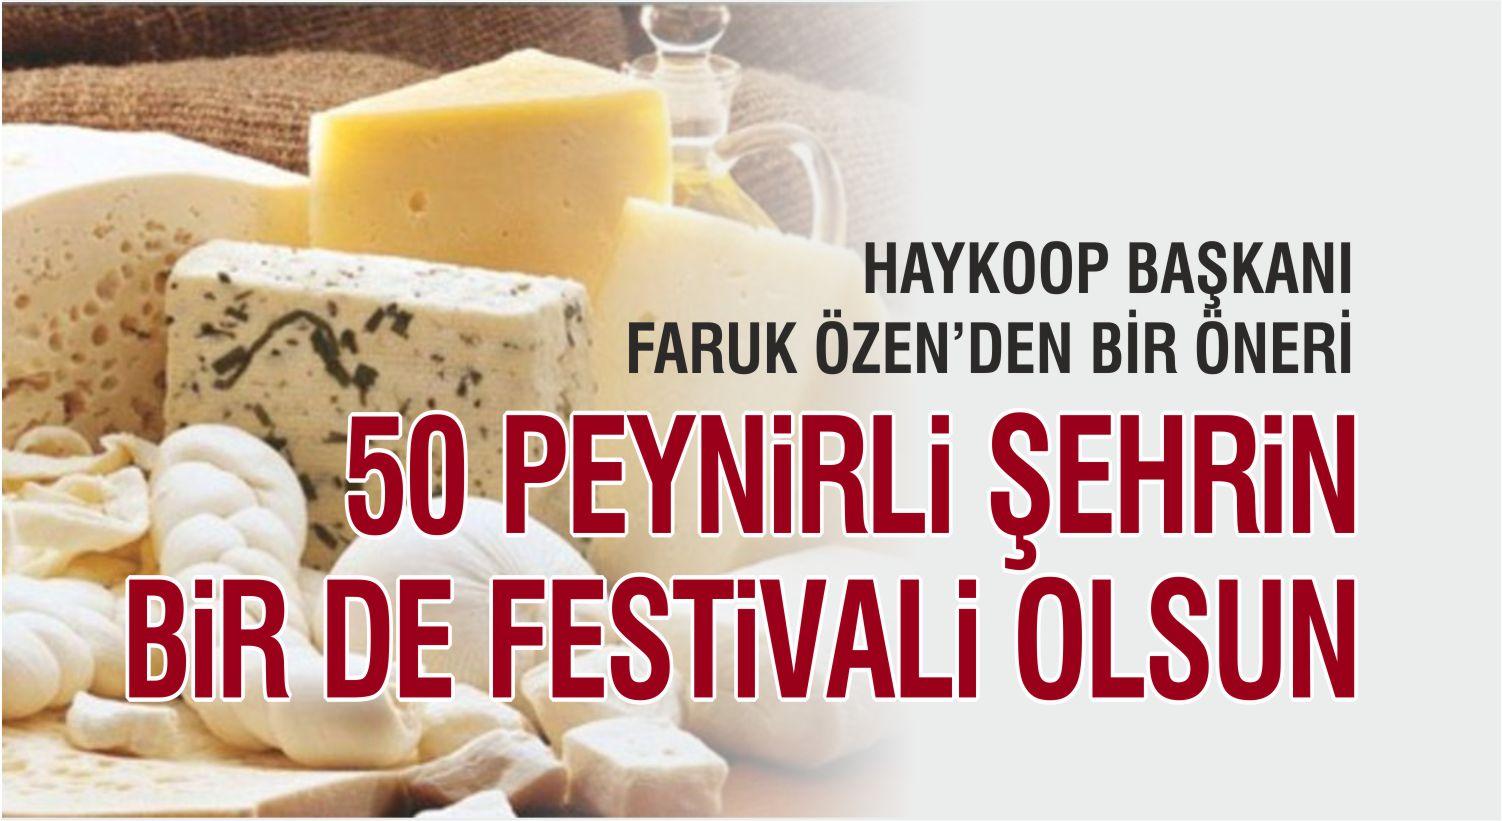 HAYKOOP BAŞKANI'NDAN ÖNERİ: PEYNİR FESTİVALİ